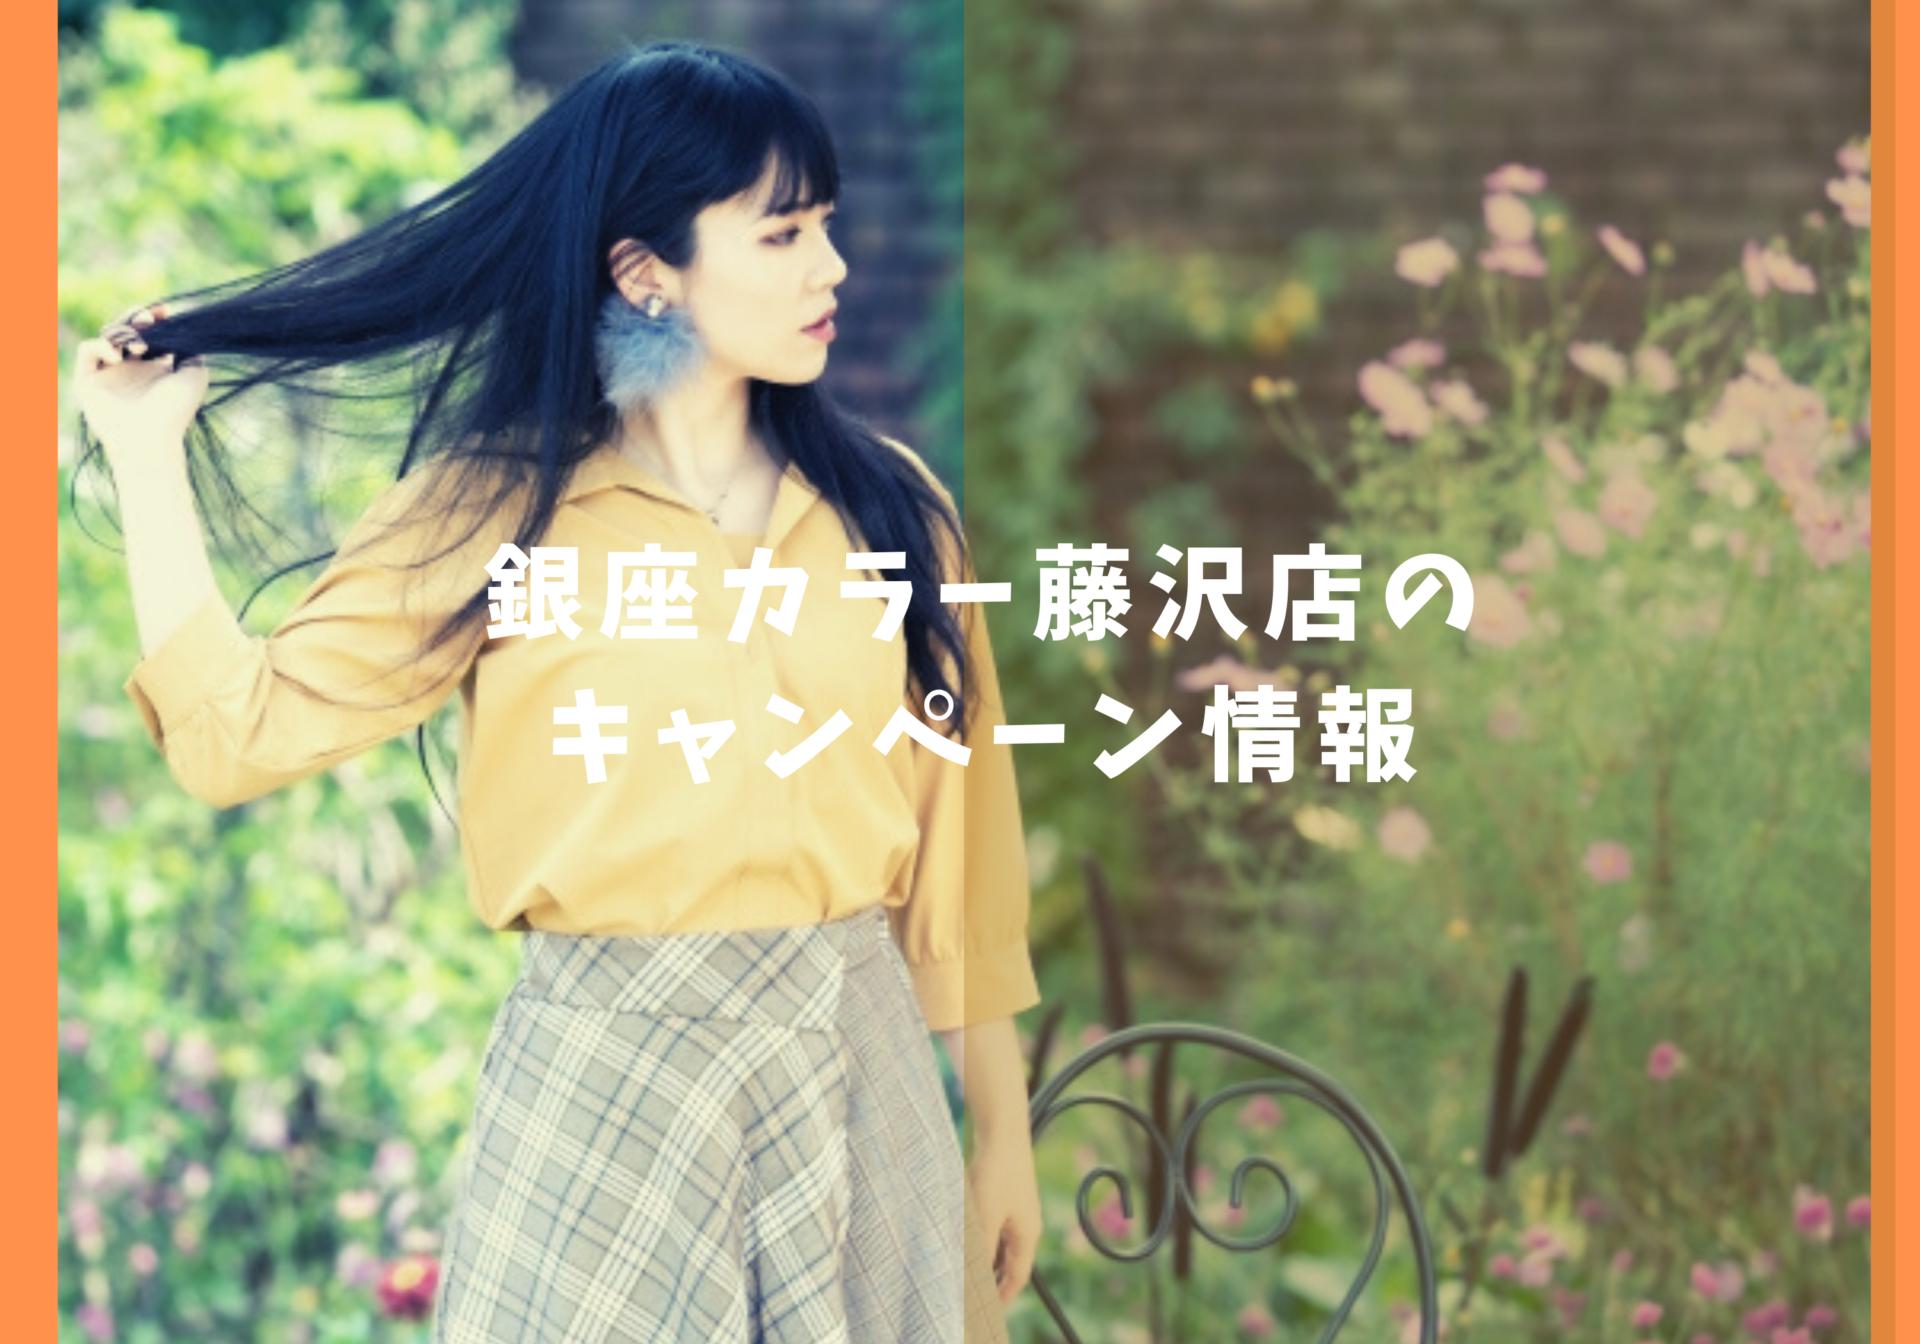 銀座カラー藤沢店キャンペーン情報